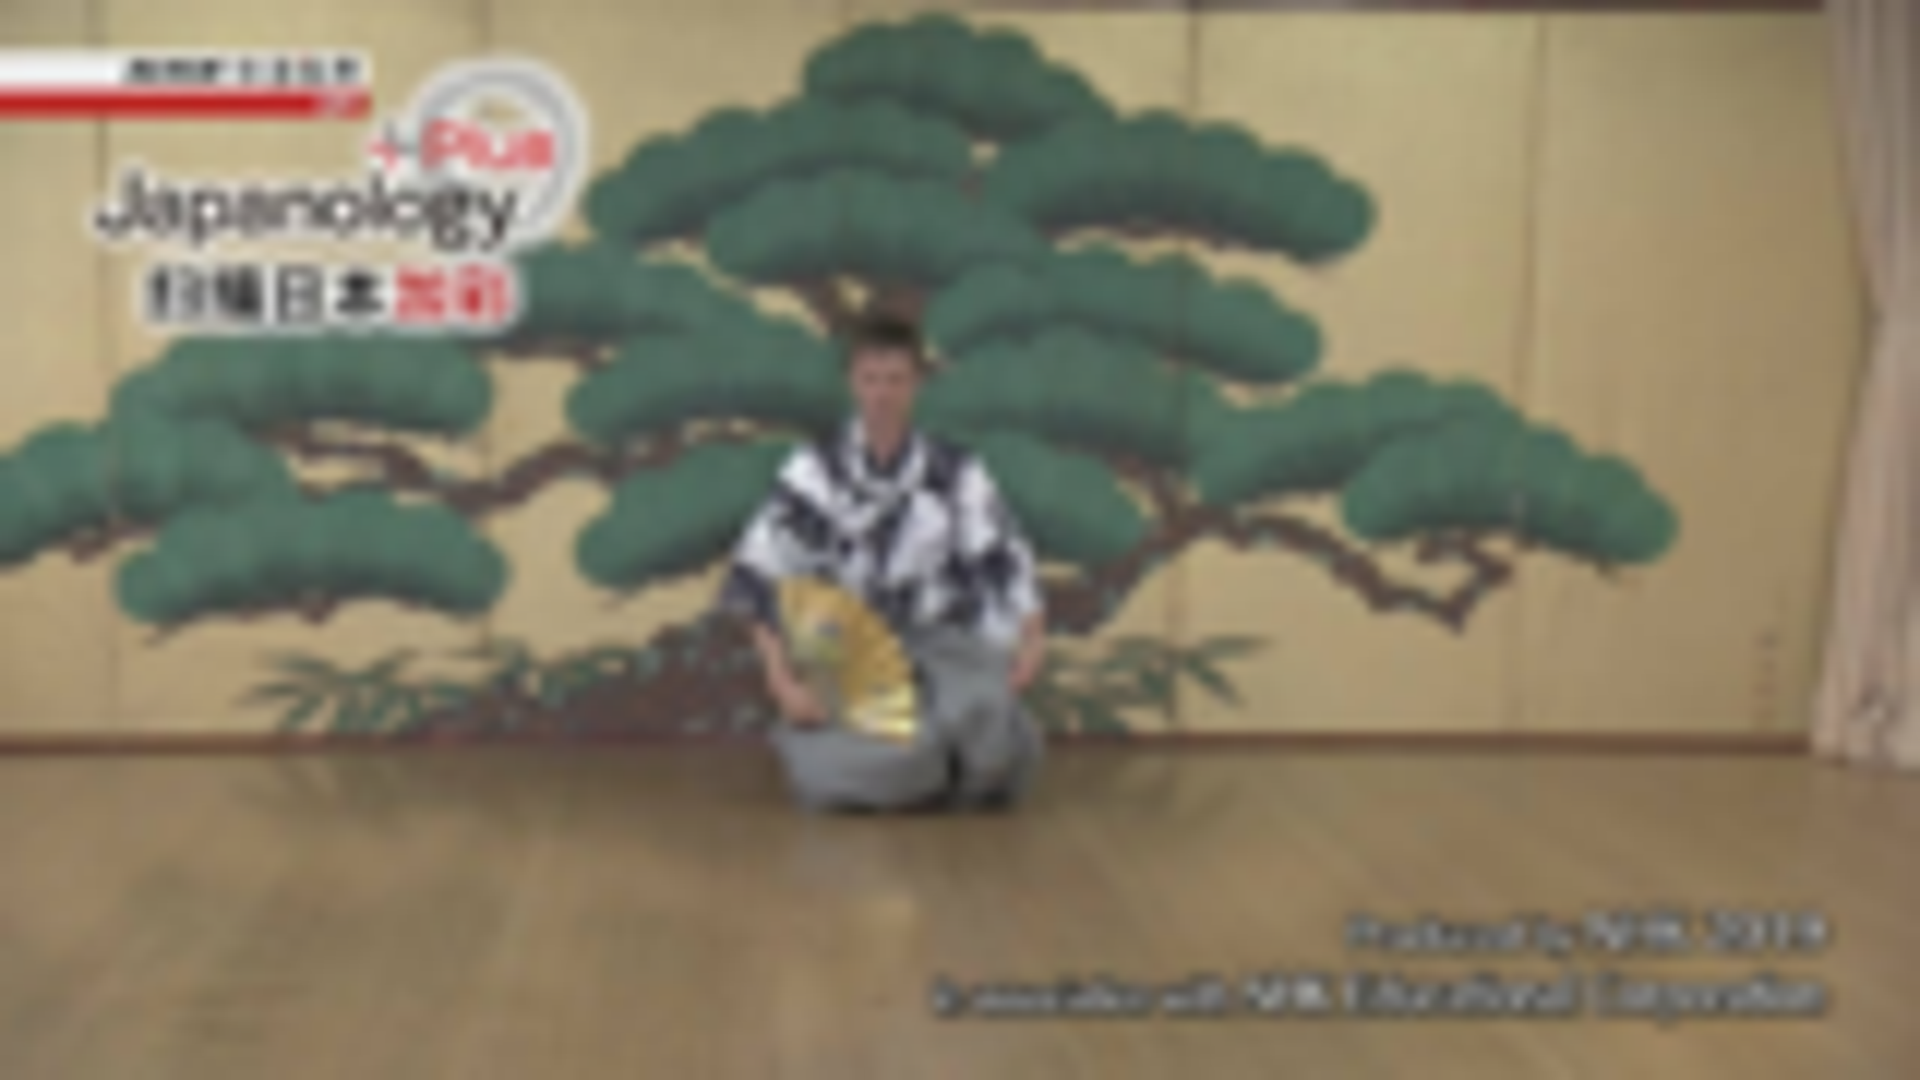 纪录片.NHK.扫描日本加彩.狂言师:翁德雷・海勃尔.2019[中文英文双版本]